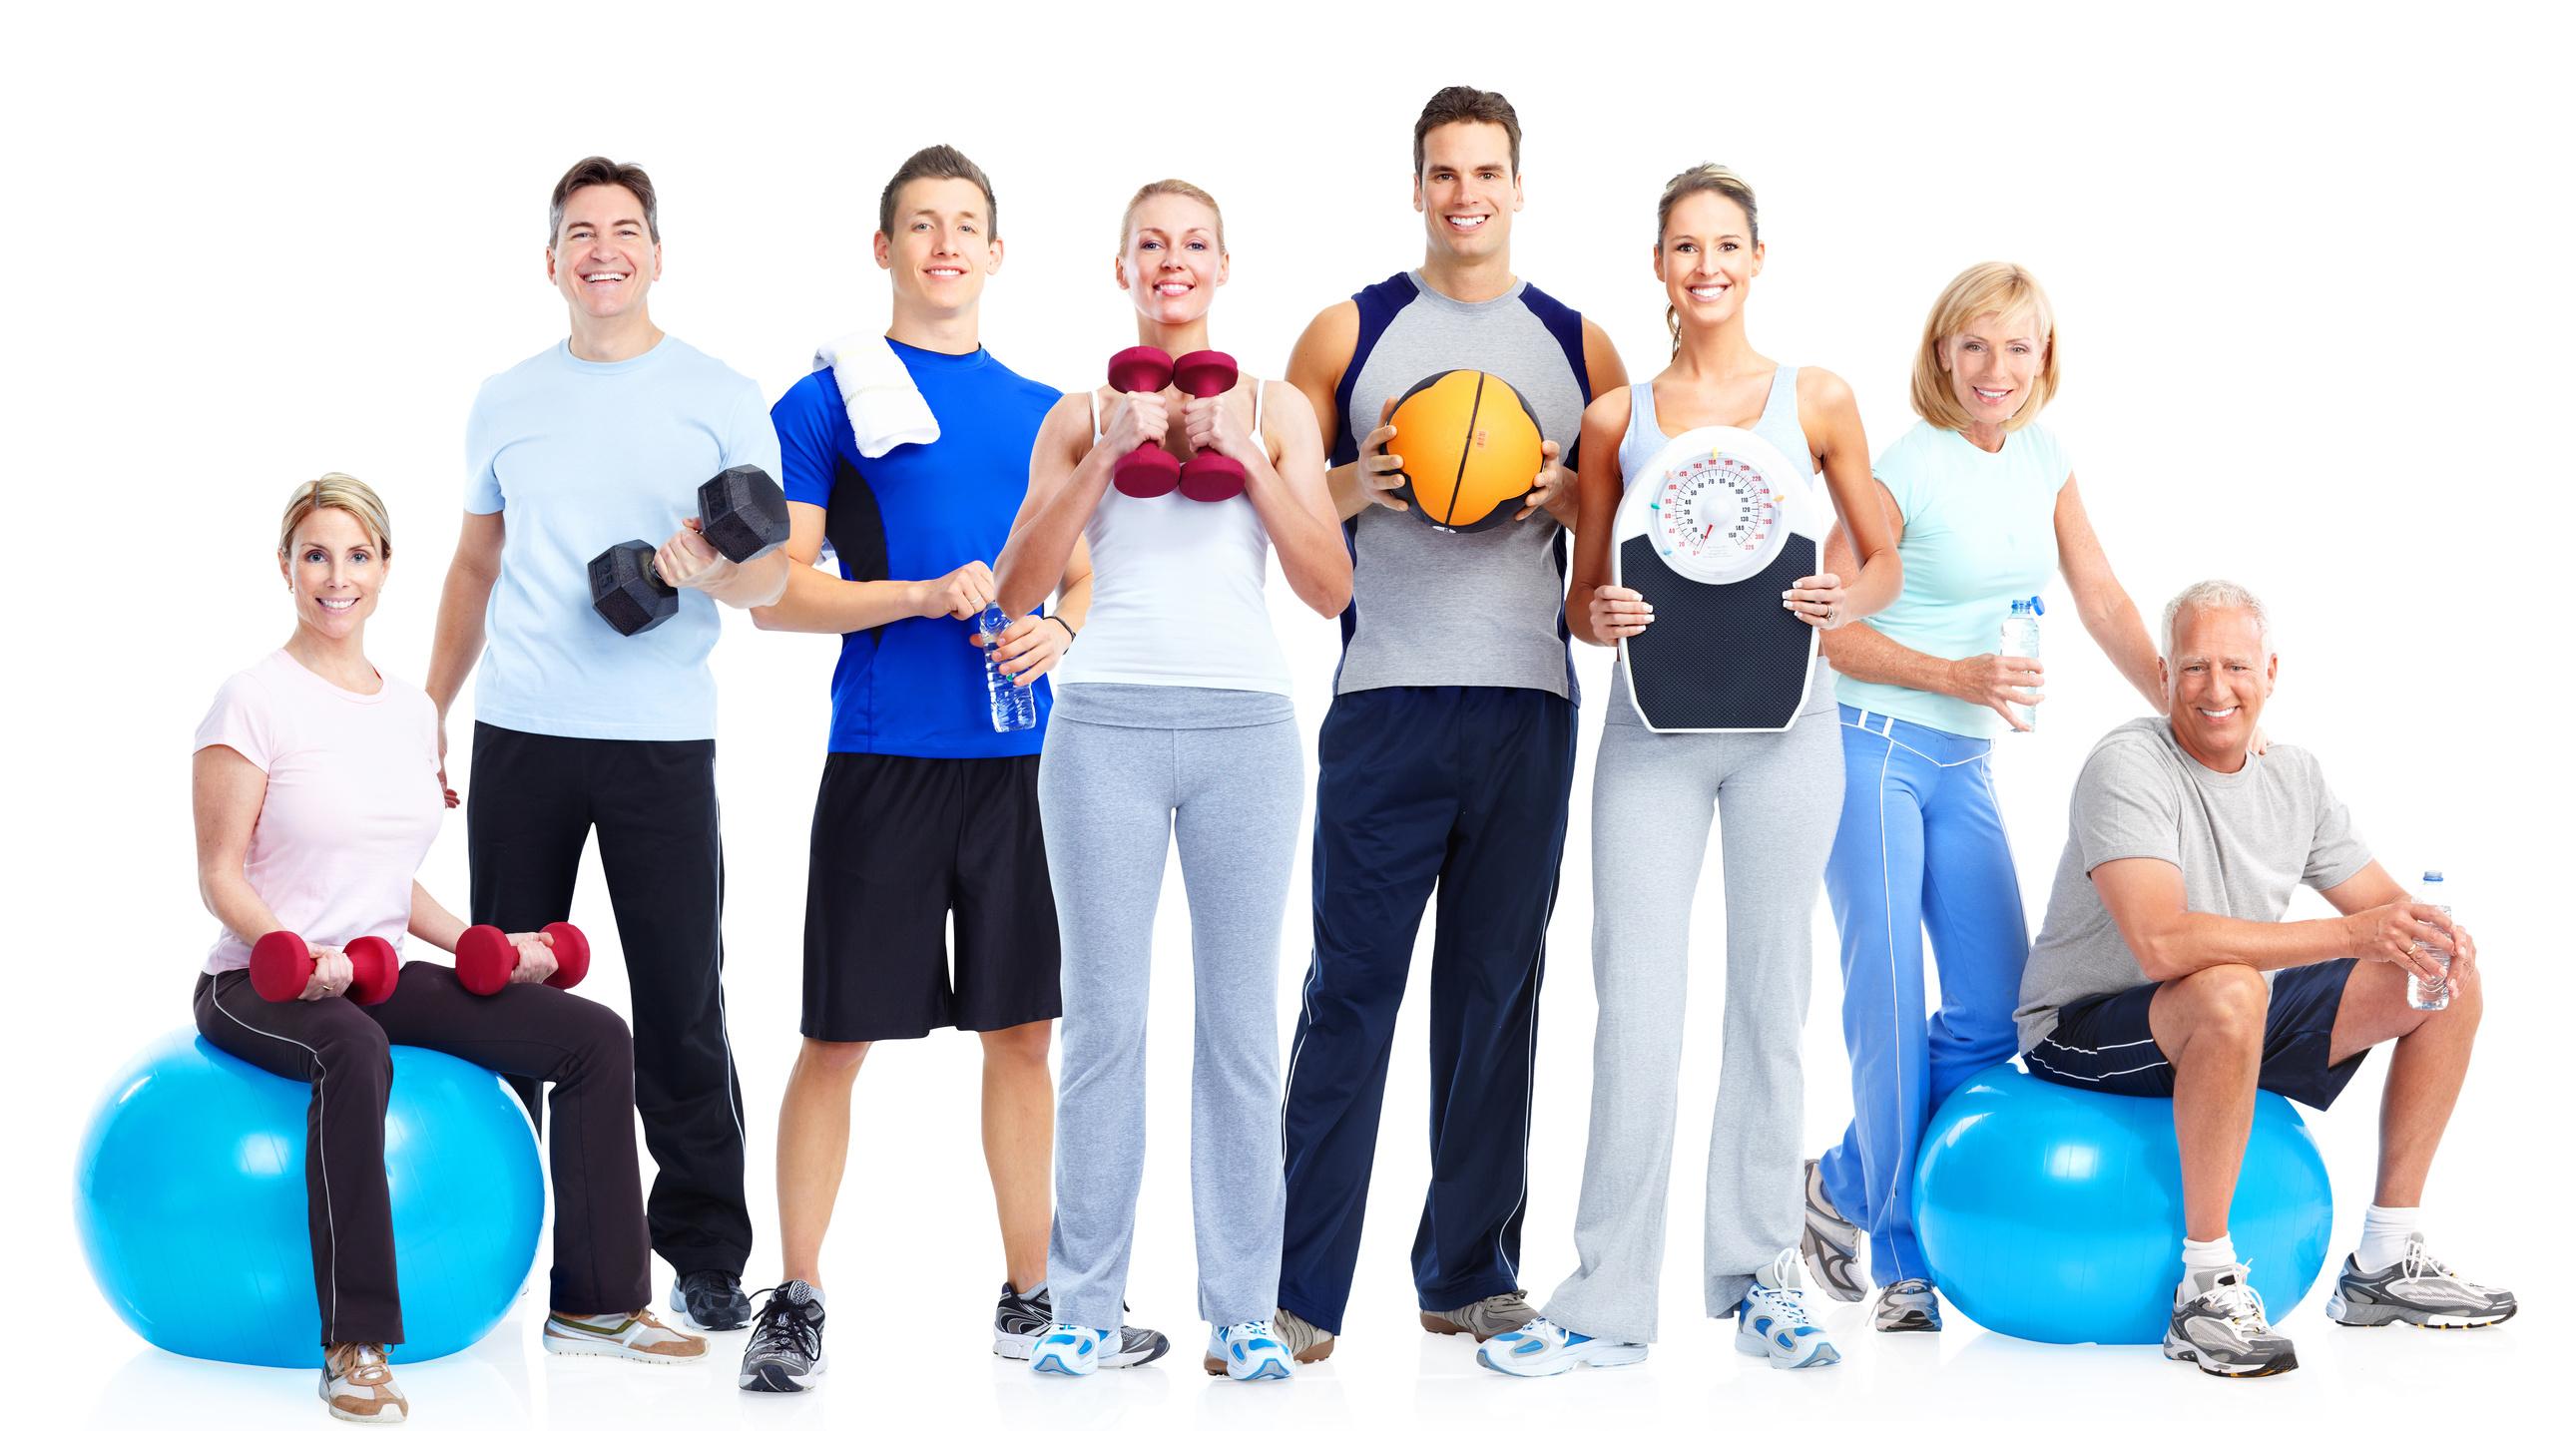 L'intensité d'exercice physique chez des personnes dépressives : imposée ou libre ?